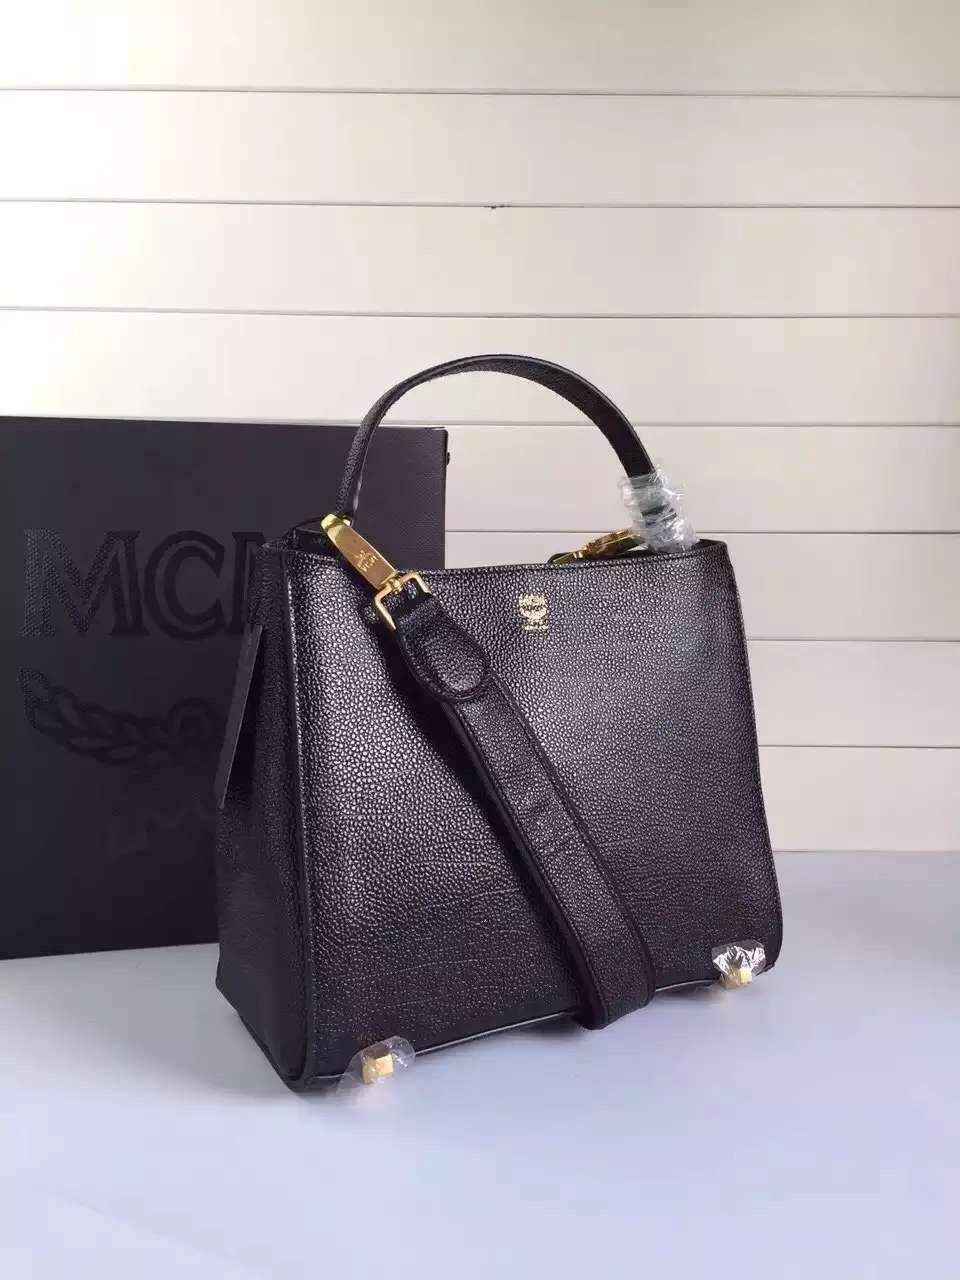 2015新款 MCM旗舰店特供 自家工厂 韩国进口粒面牛皮